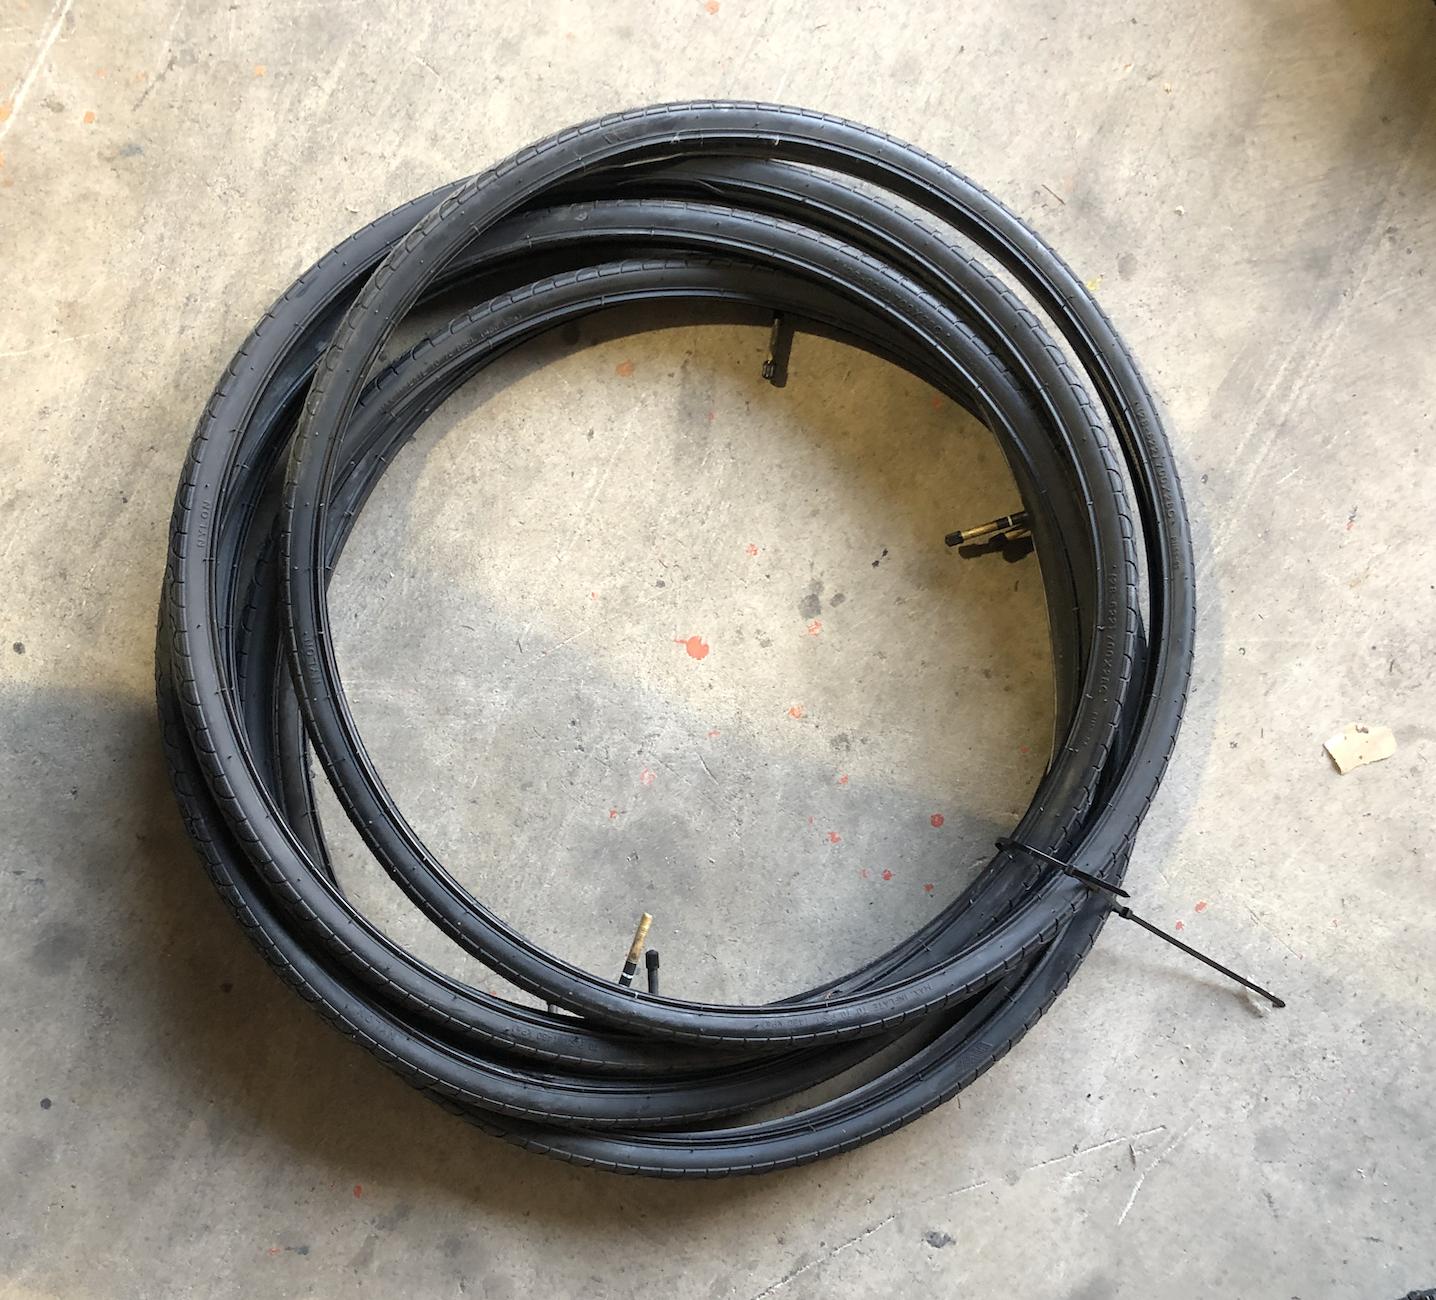 700-28c Road Tire